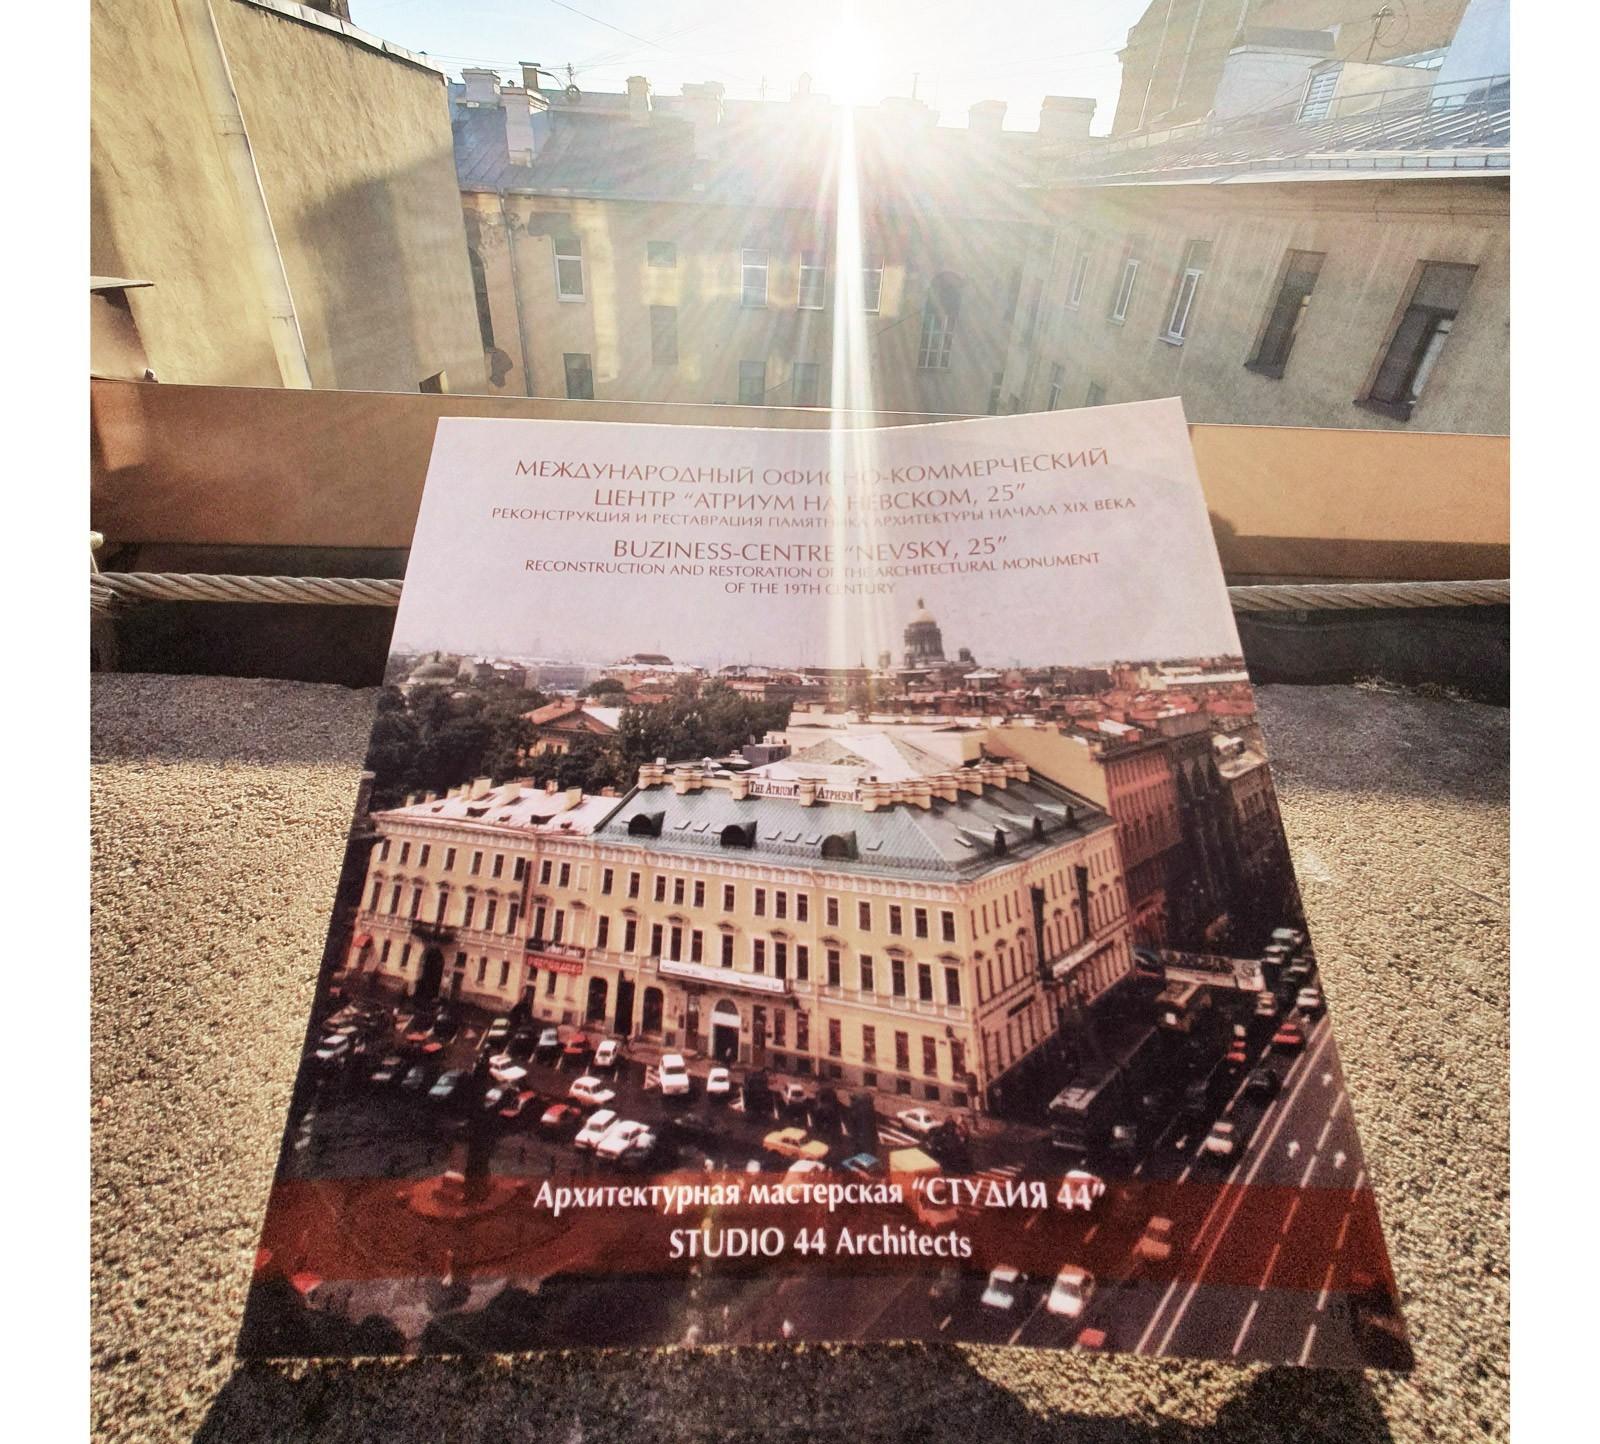 """Buziness center """"Atrium on Nevsky, 25"""""""